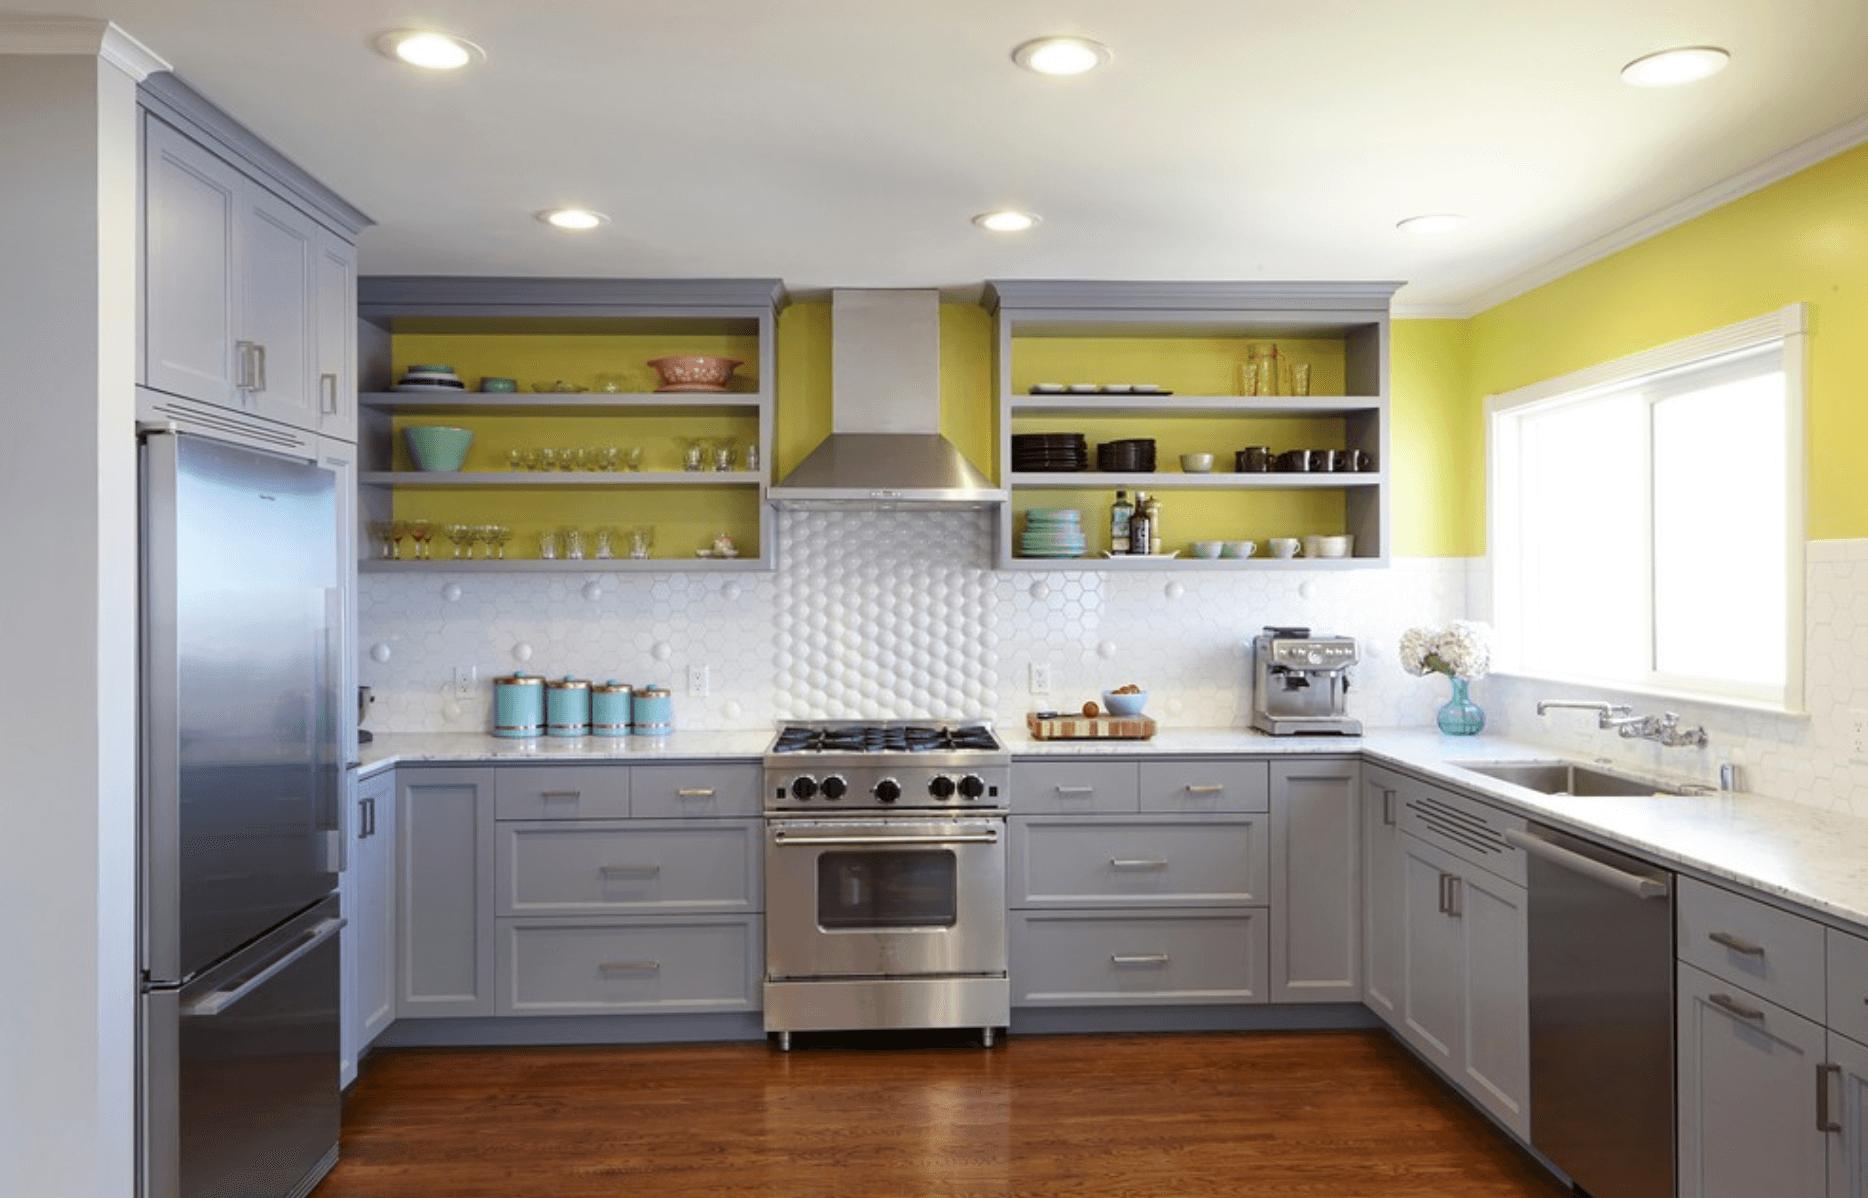 Дизайн кухни с сочетанием различных цветов. Фото 3